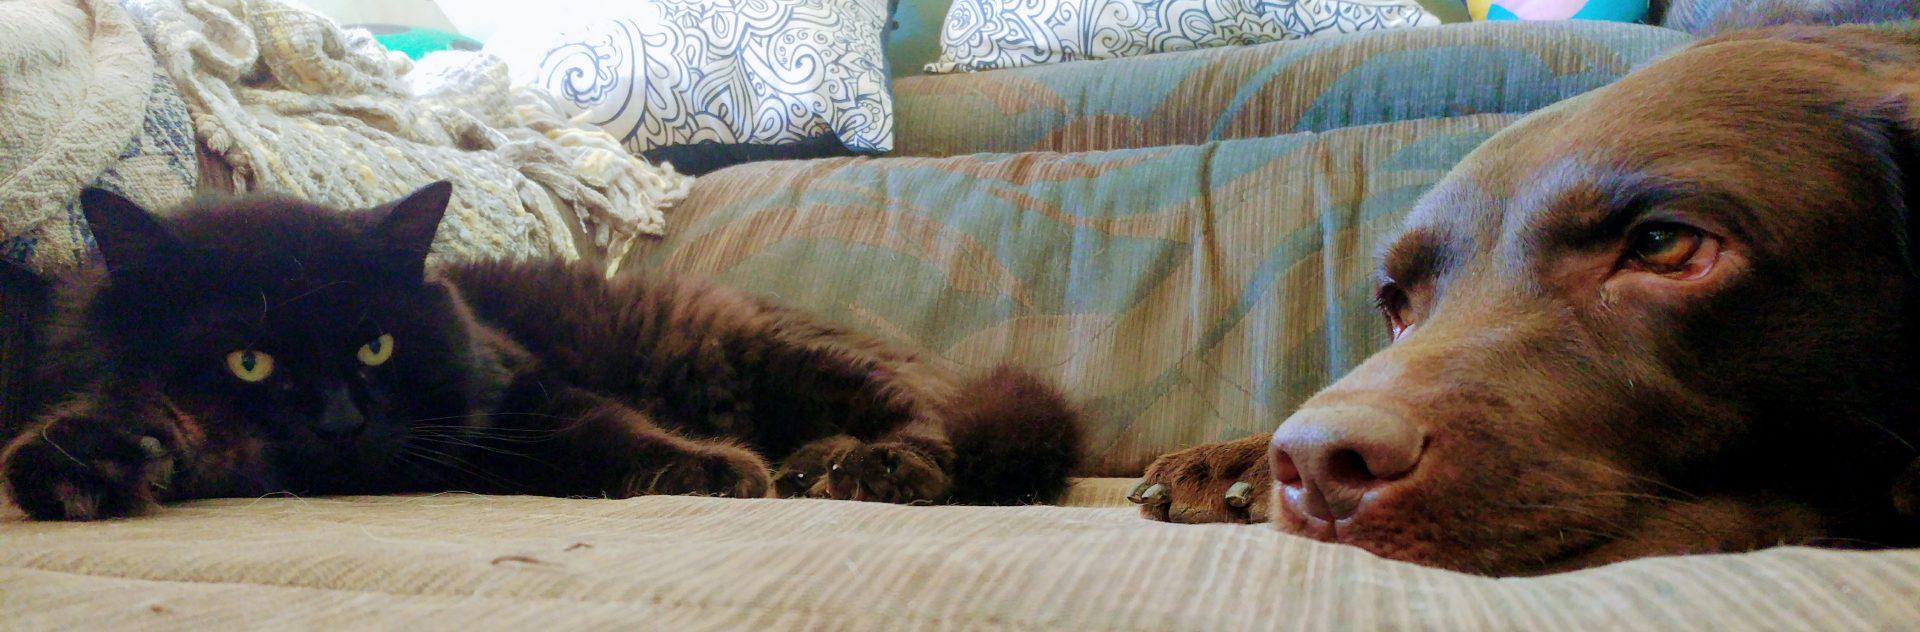 Canuto y Salsa en el sofá